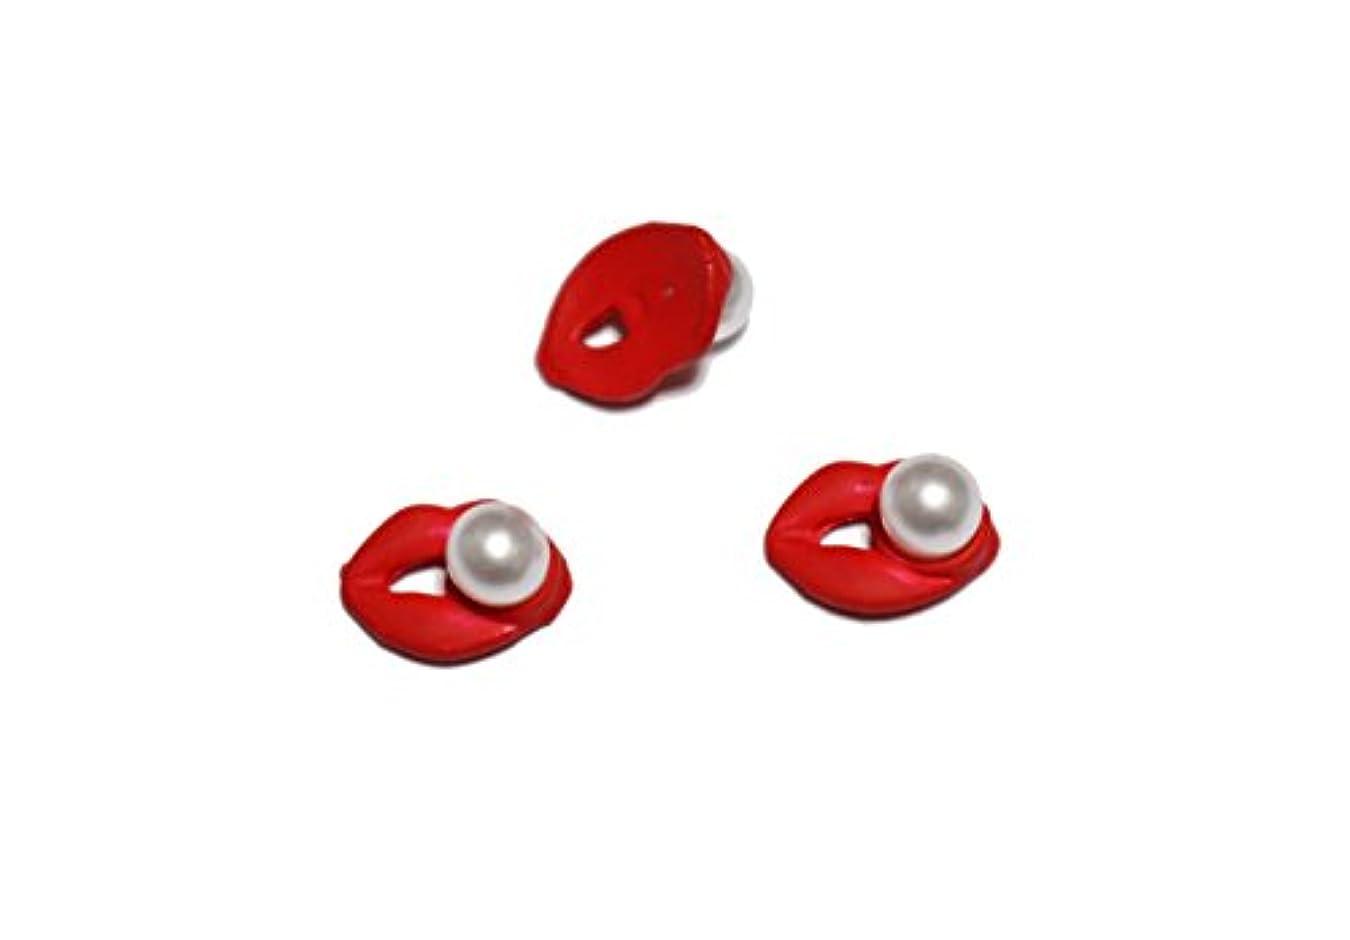 子供達なだめる厚くする【jewel】パール付リップ ネイルパーツ 2個 4色から選択可能 ラインストーン ジェルネイル (レッド)